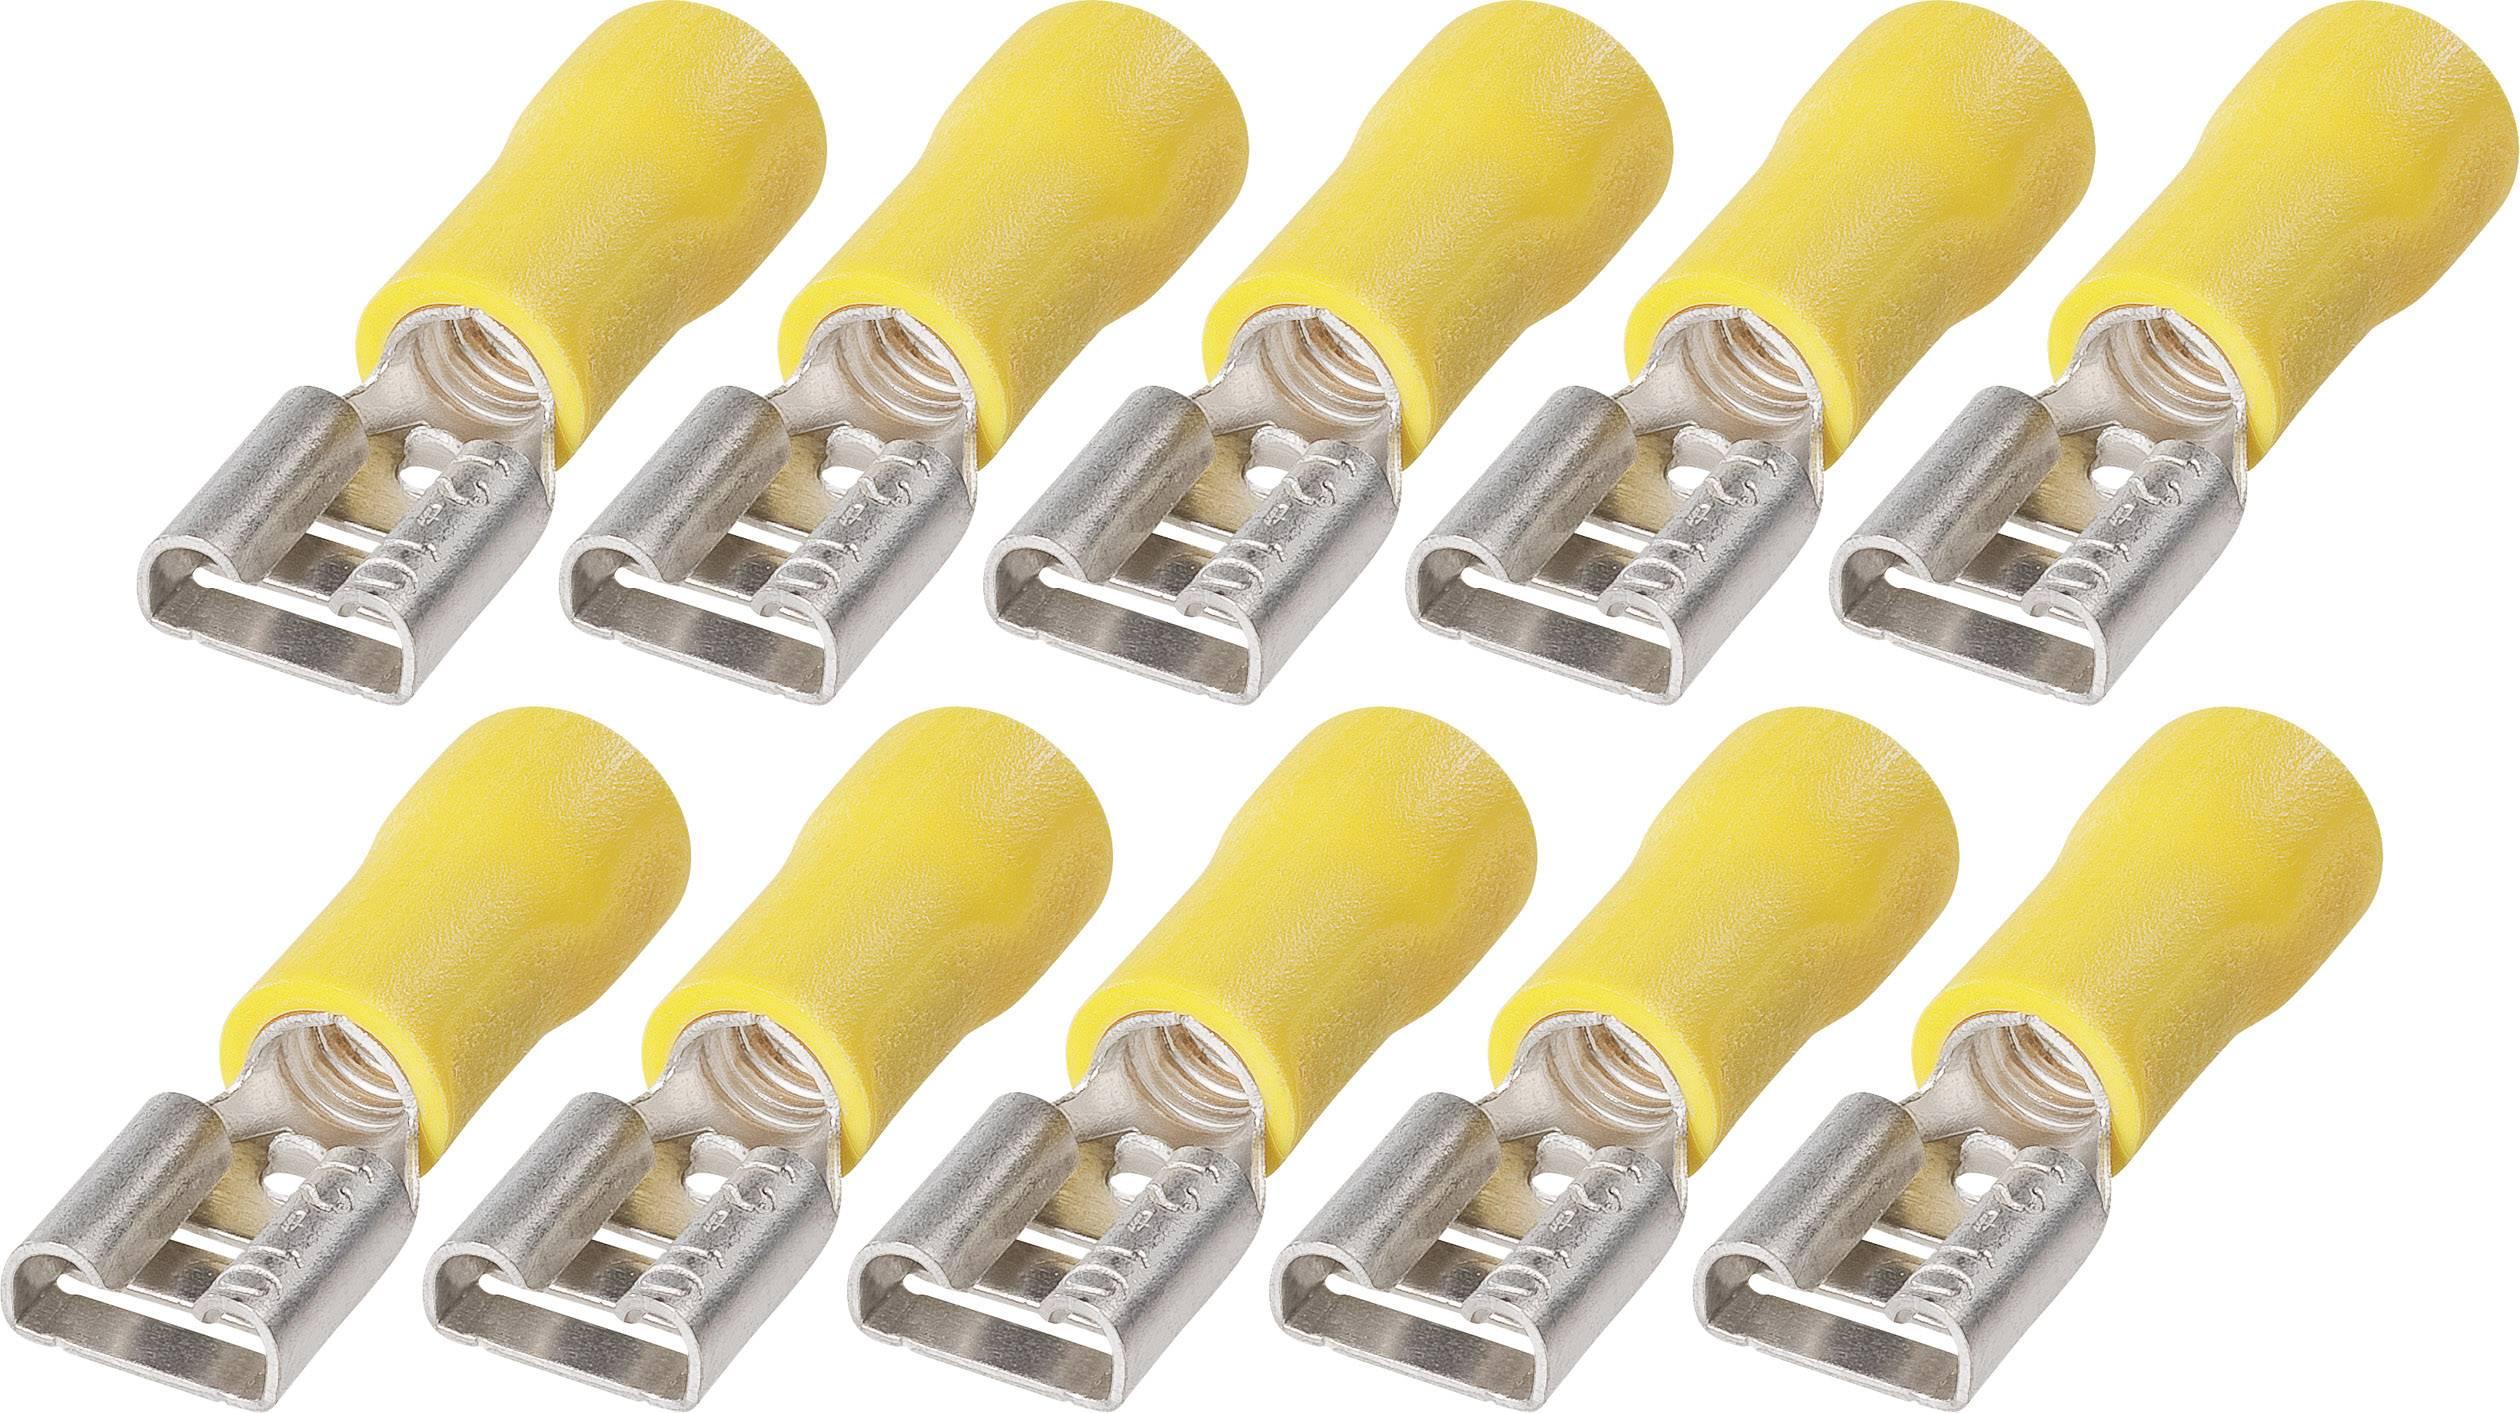 Sada upevnení faston FSP od 6,3 do 6, 3.258.911, 6,3 mm, 2,5 - 6 mm², žltá, 10 ks